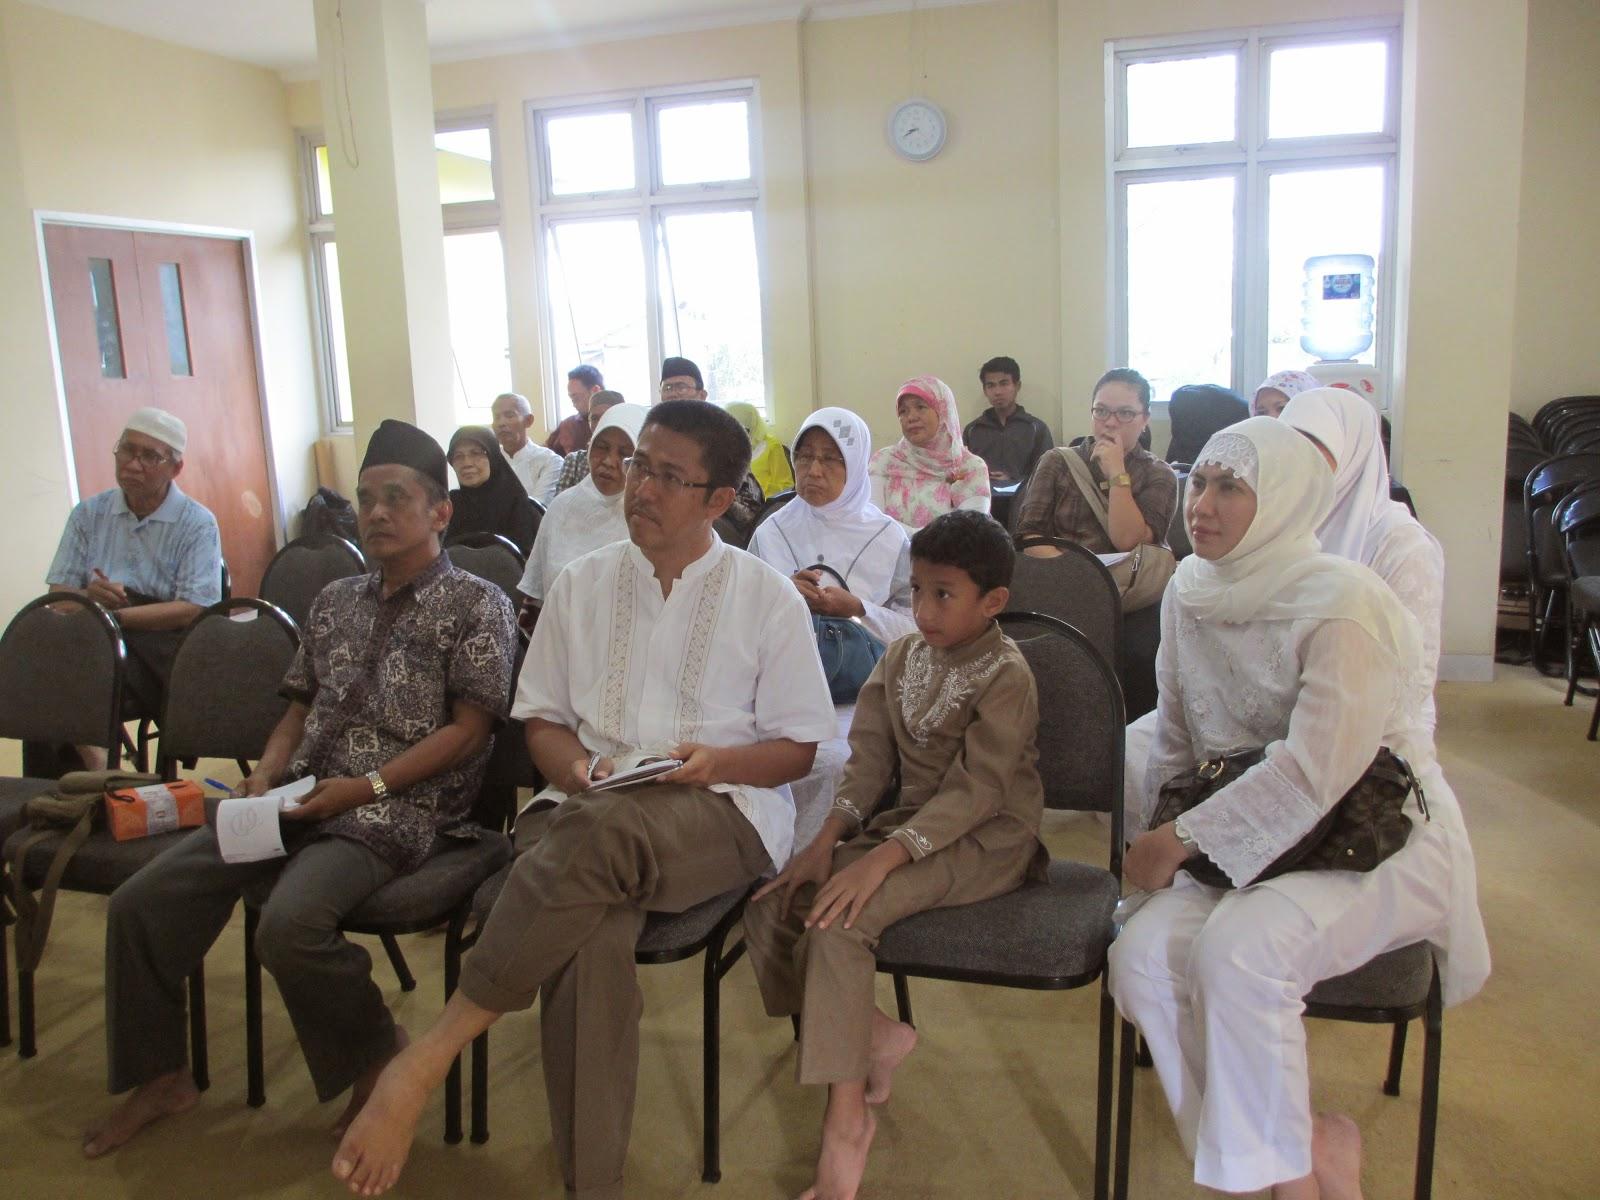 Travel Biaya Umroh dari Jakarta Nyaman, Bagus, dan Terpercaya